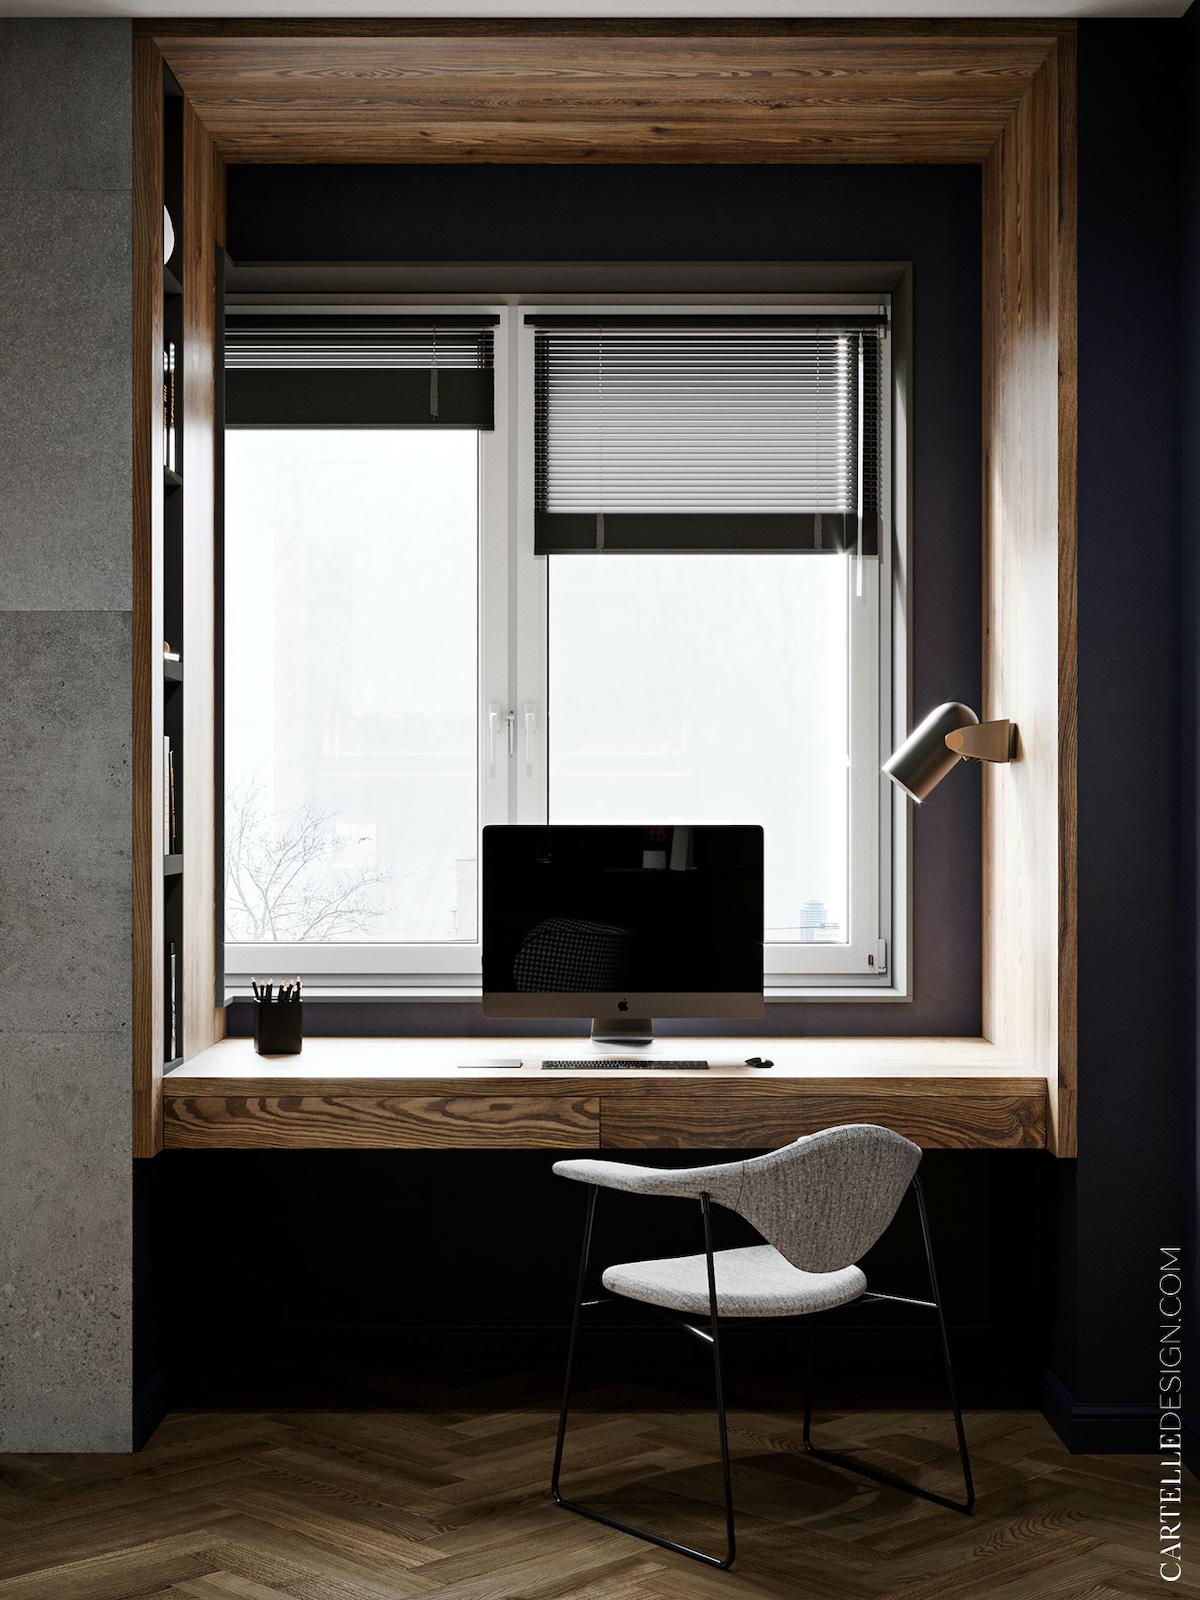 installer espace télétravail fenêtre - blog déco - clem around the corner